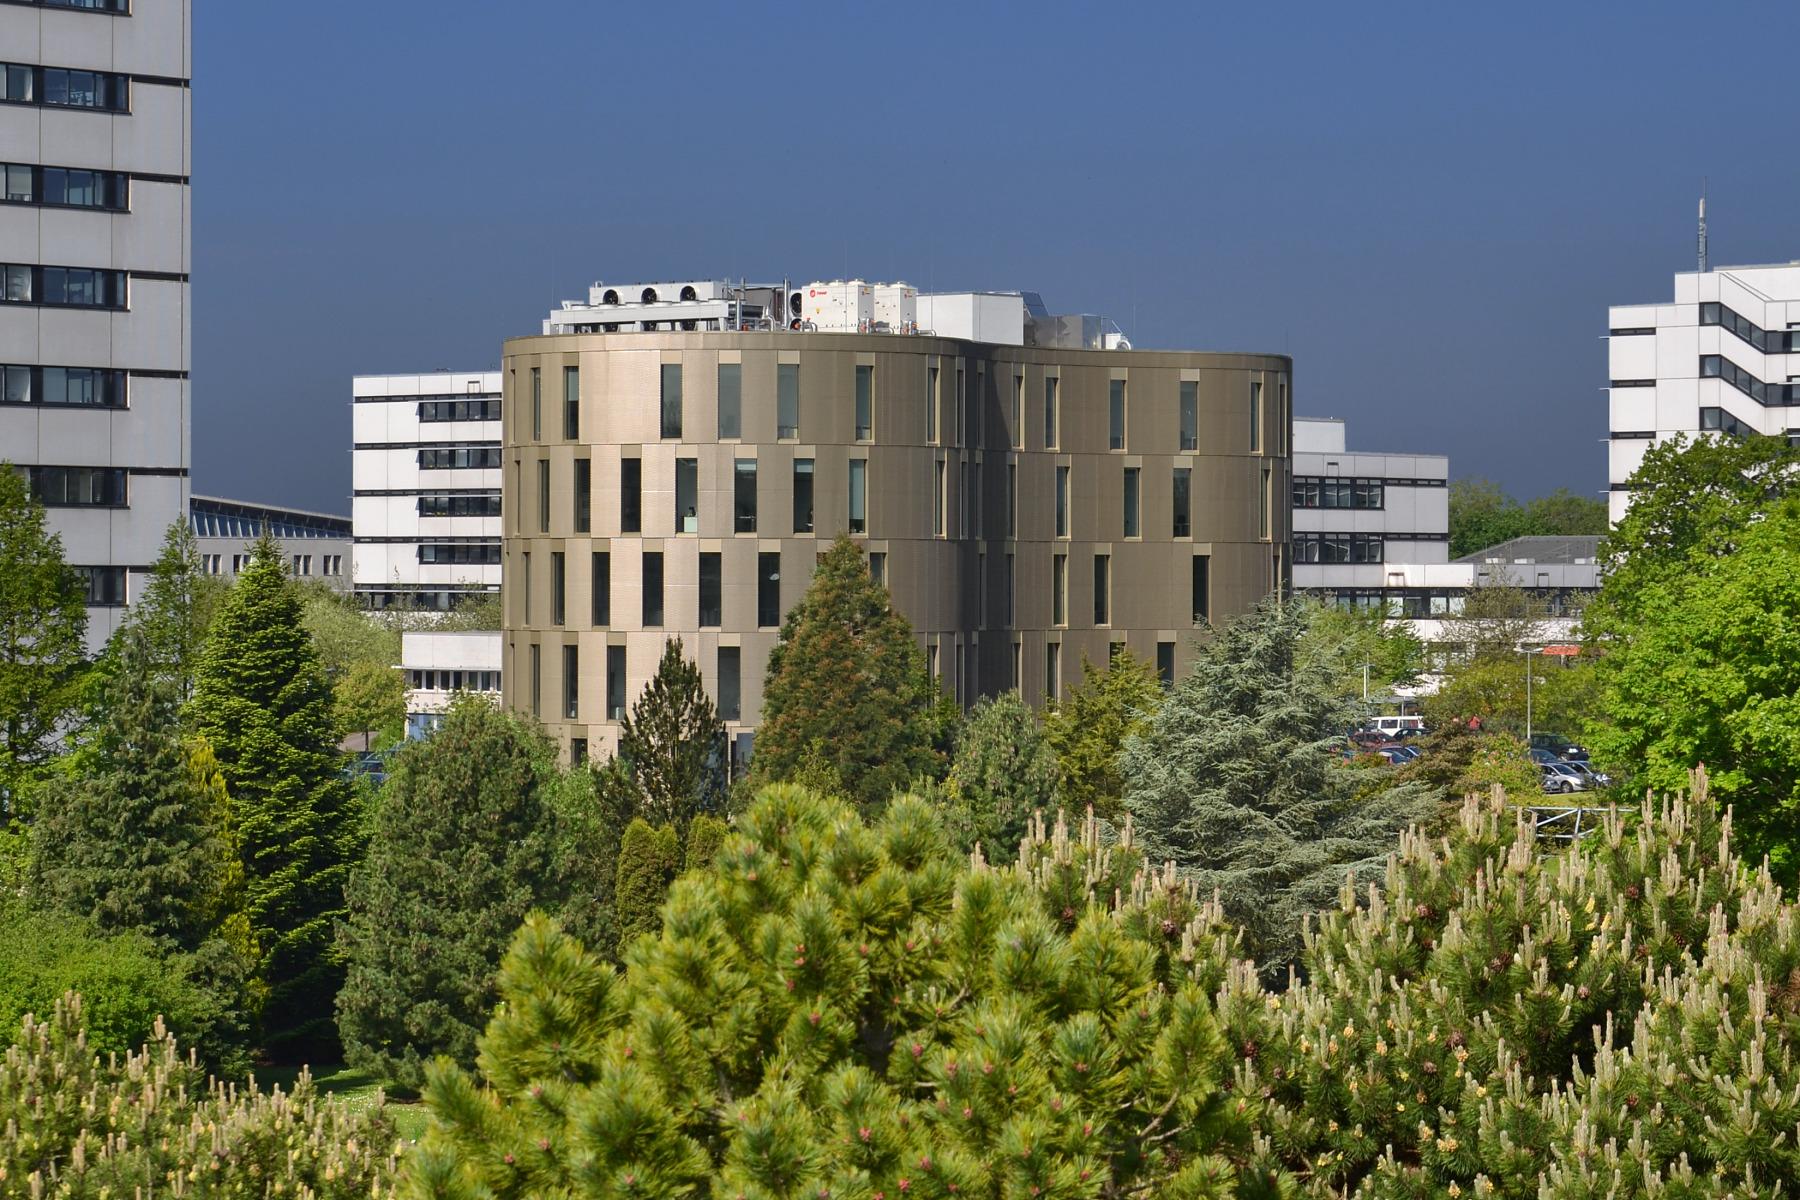 Kiel Architektur uni kiel tag der architektur zentrum für molekulare